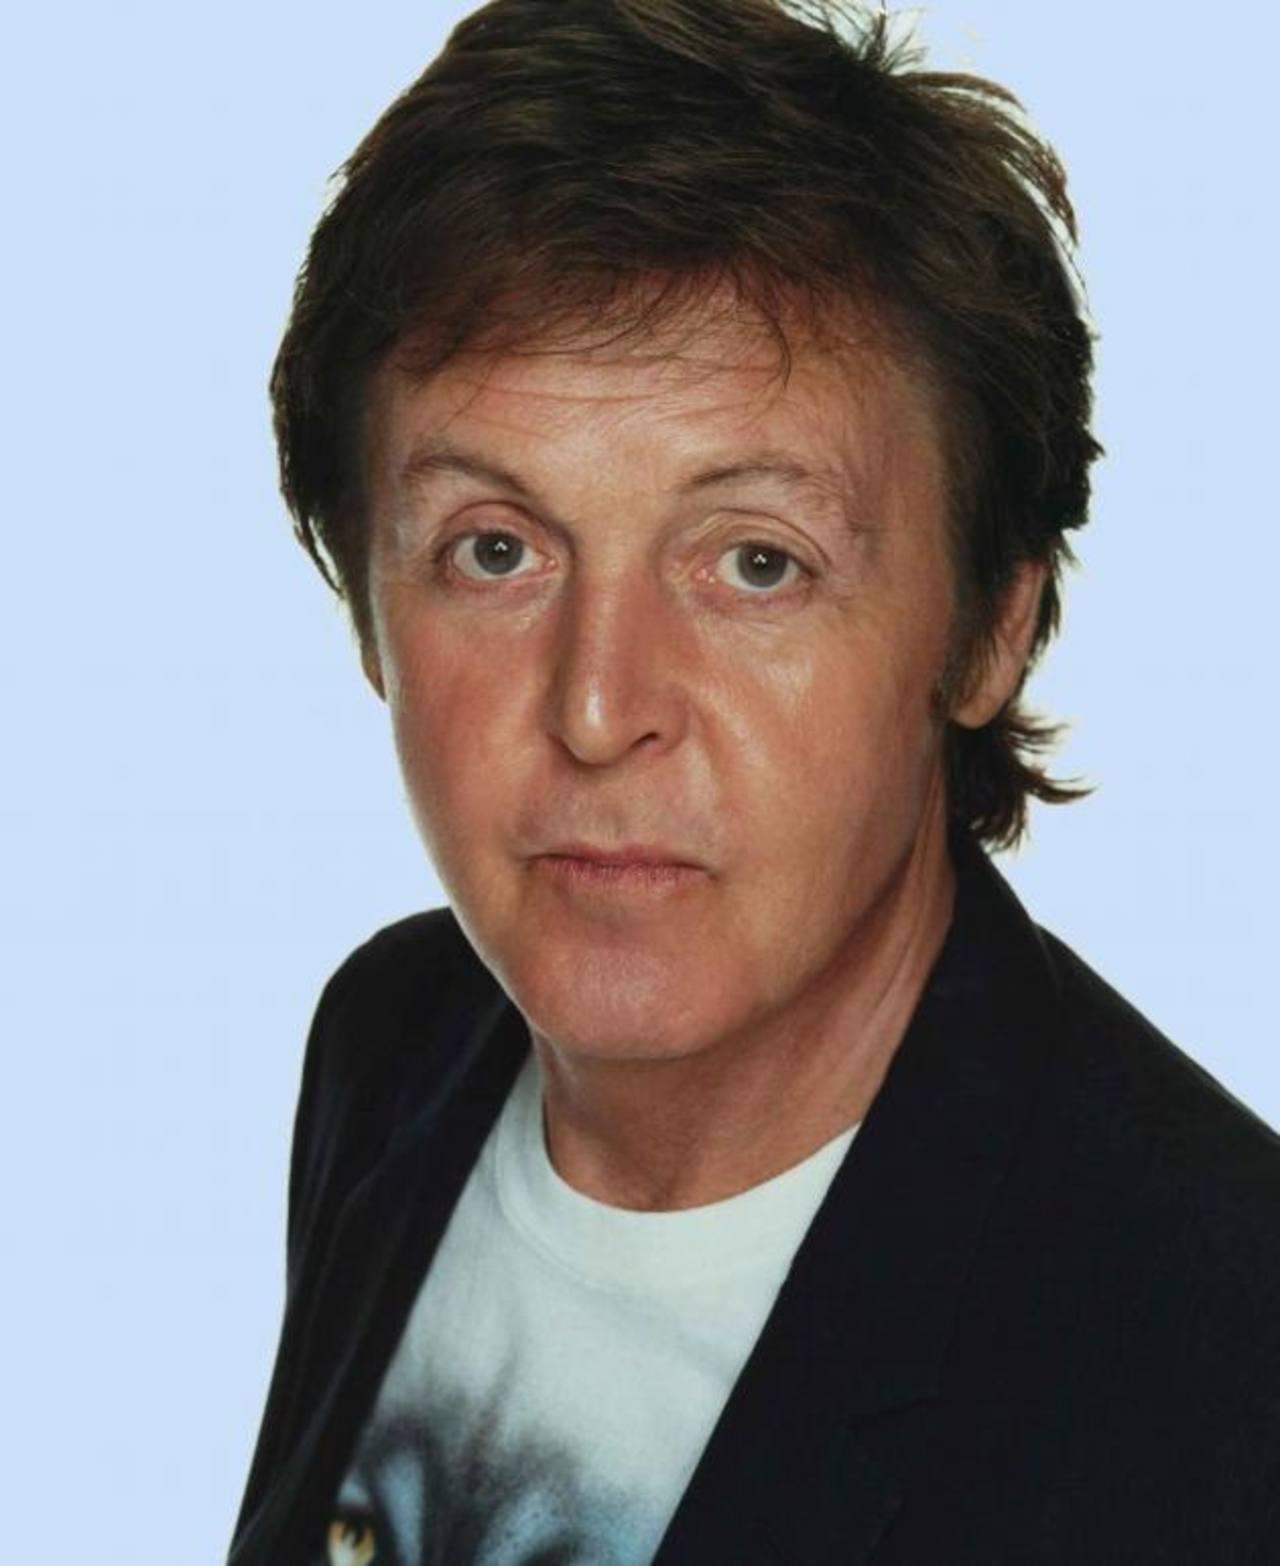 Paul McCartney se presentará el jueves en Costa Rica.